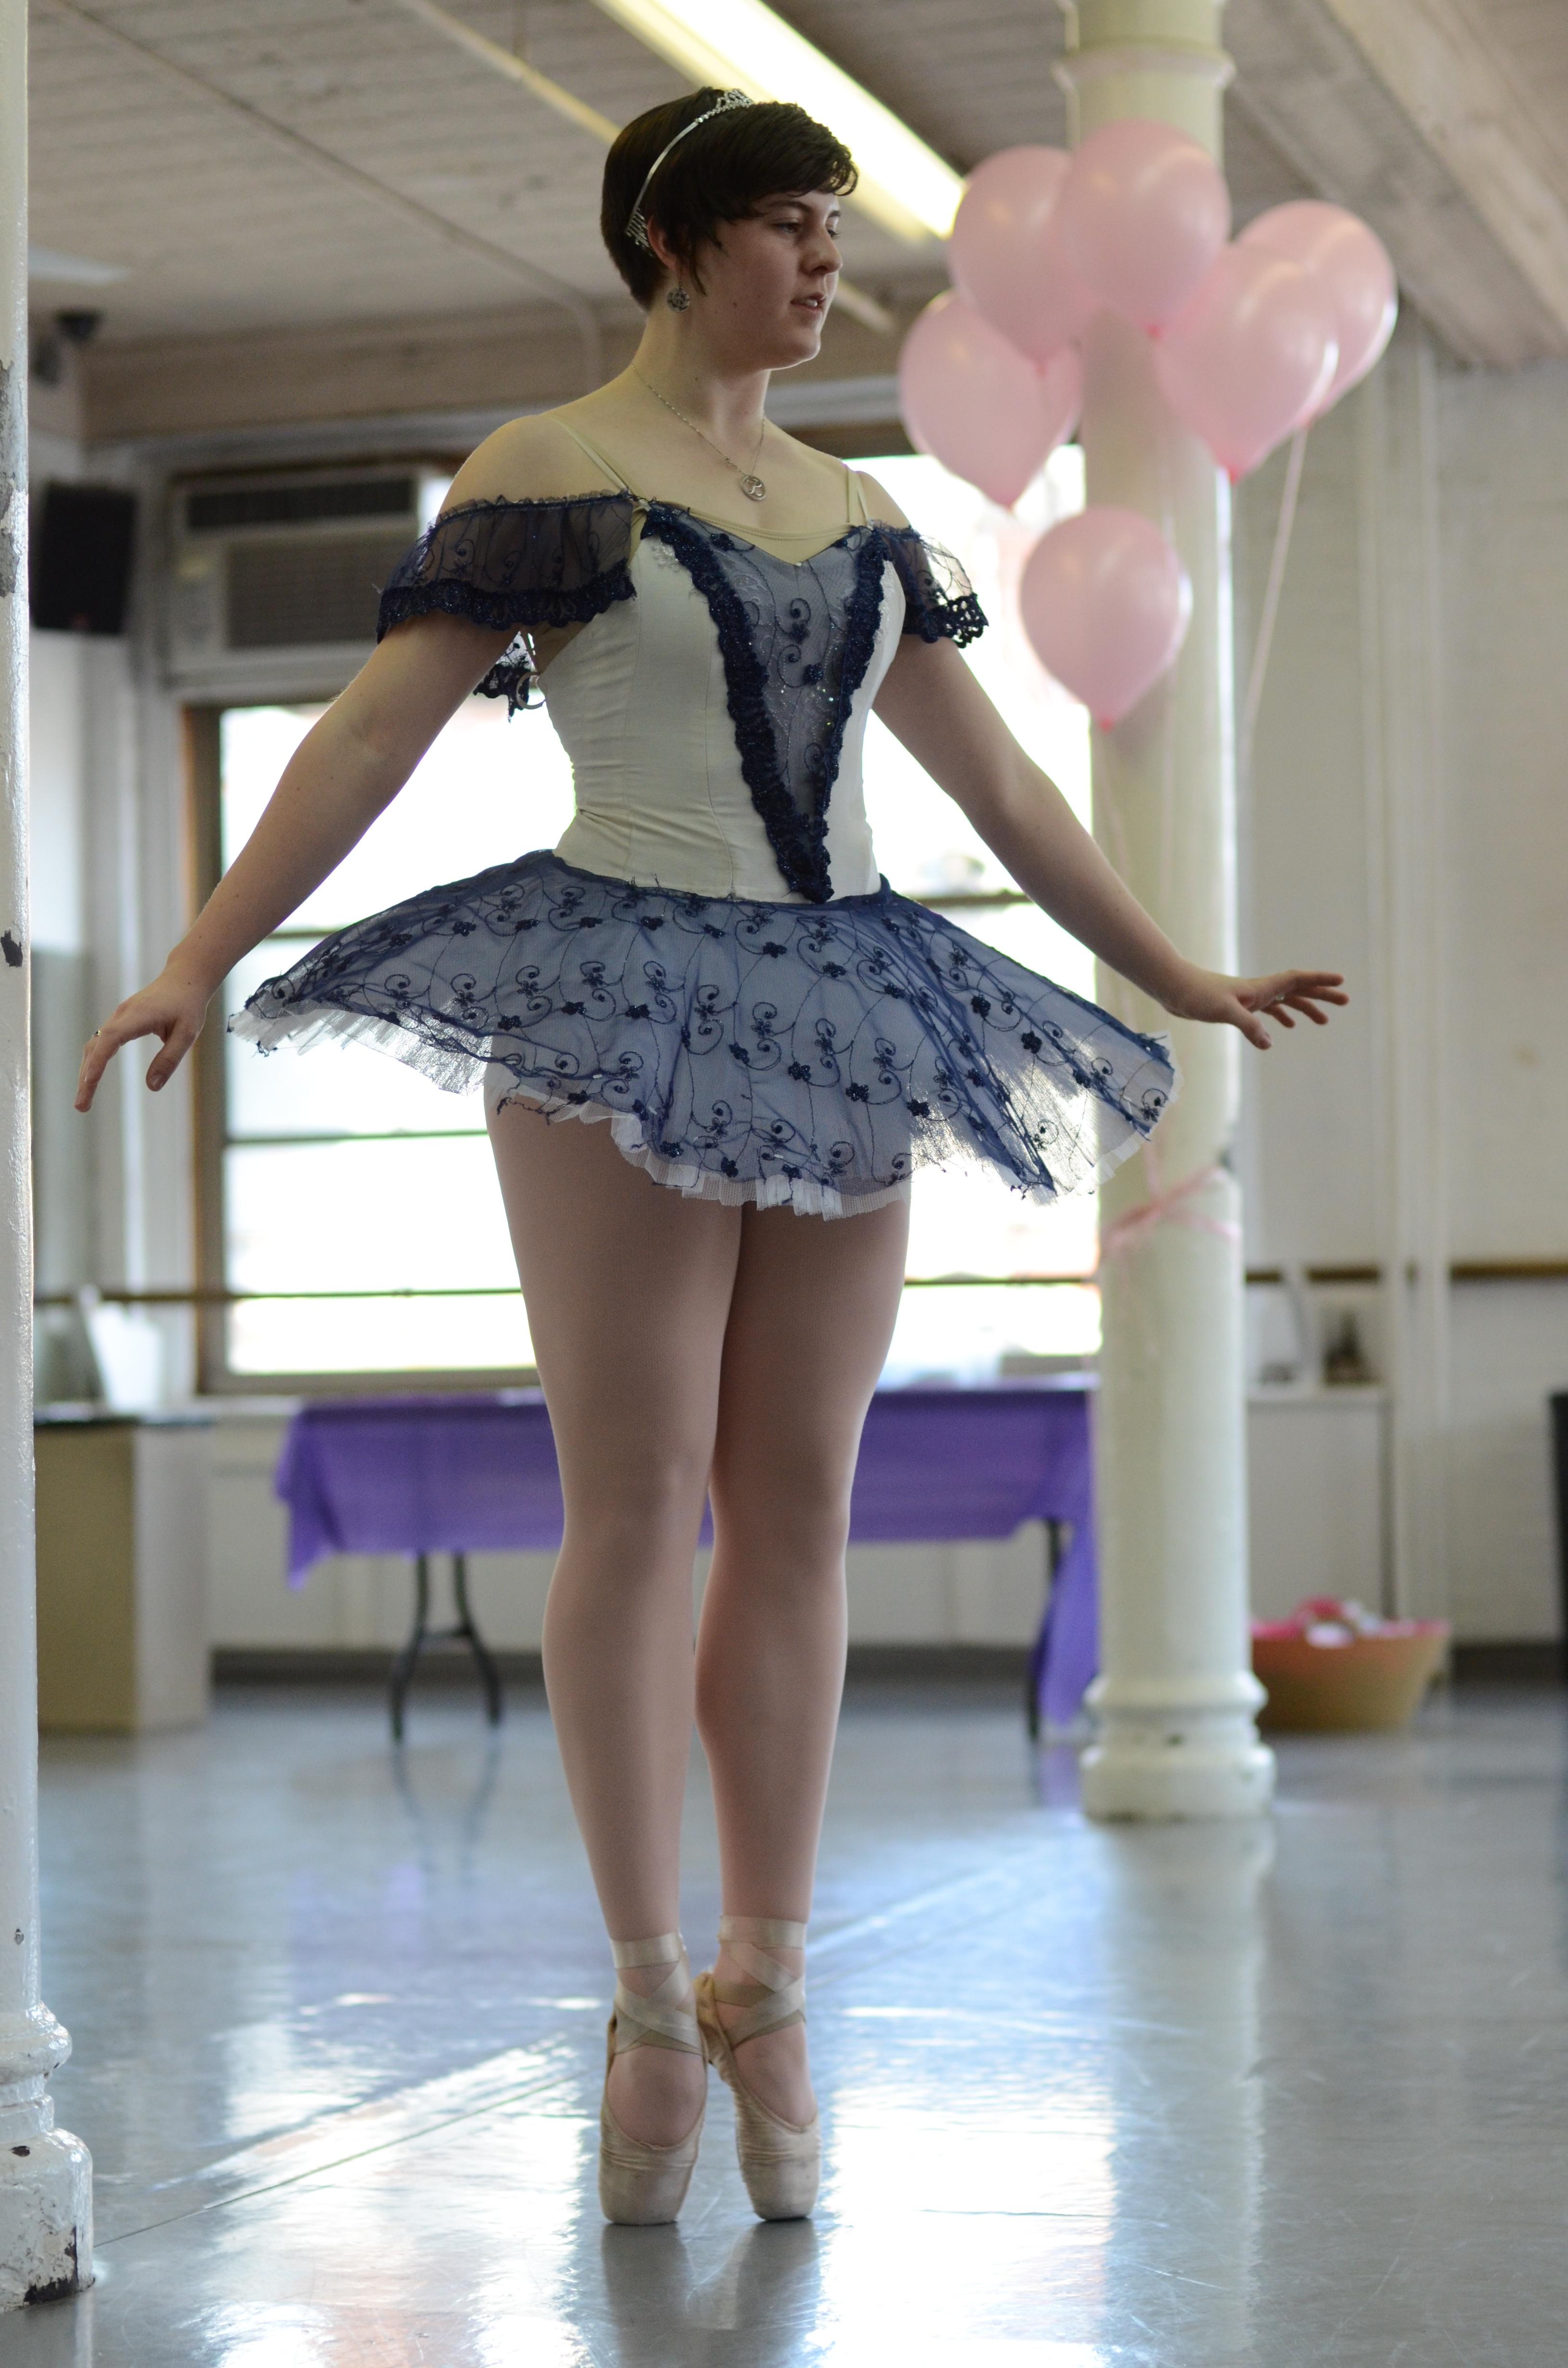 Ballerina Flickr Photo Sharing